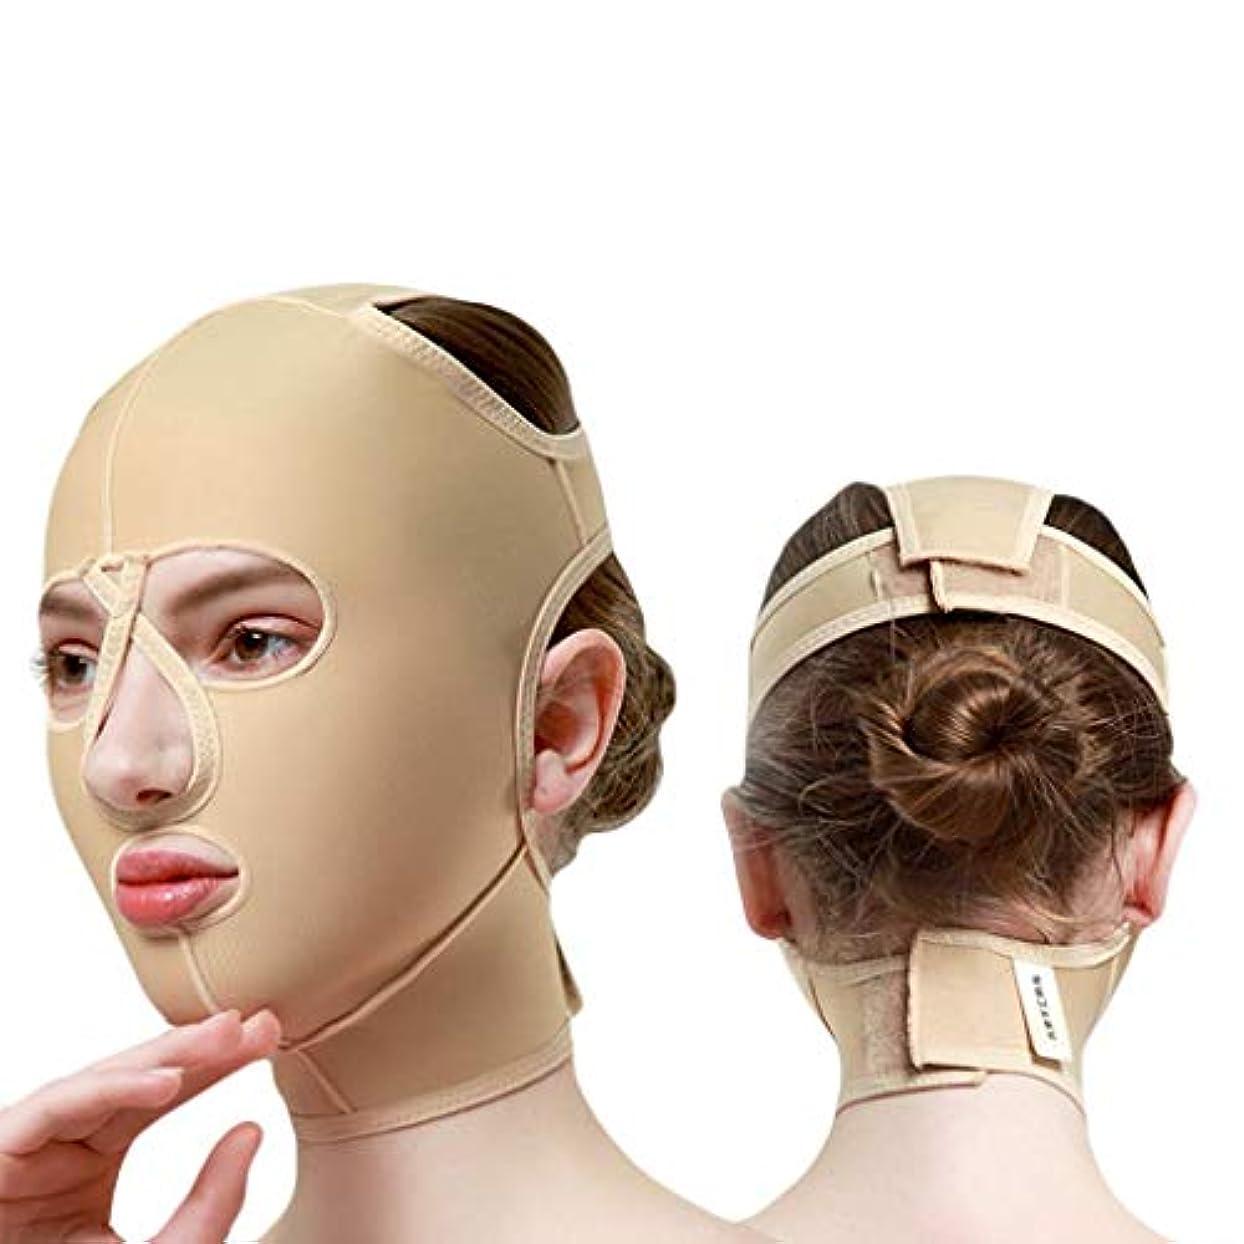 旧正月ワードローブアリーナチンストラップ、顔彫りツール、リフティングマスク、ダブルチンリデューサー、フェイスリフティングエラスティックマスクメス(サイズ:M),XL